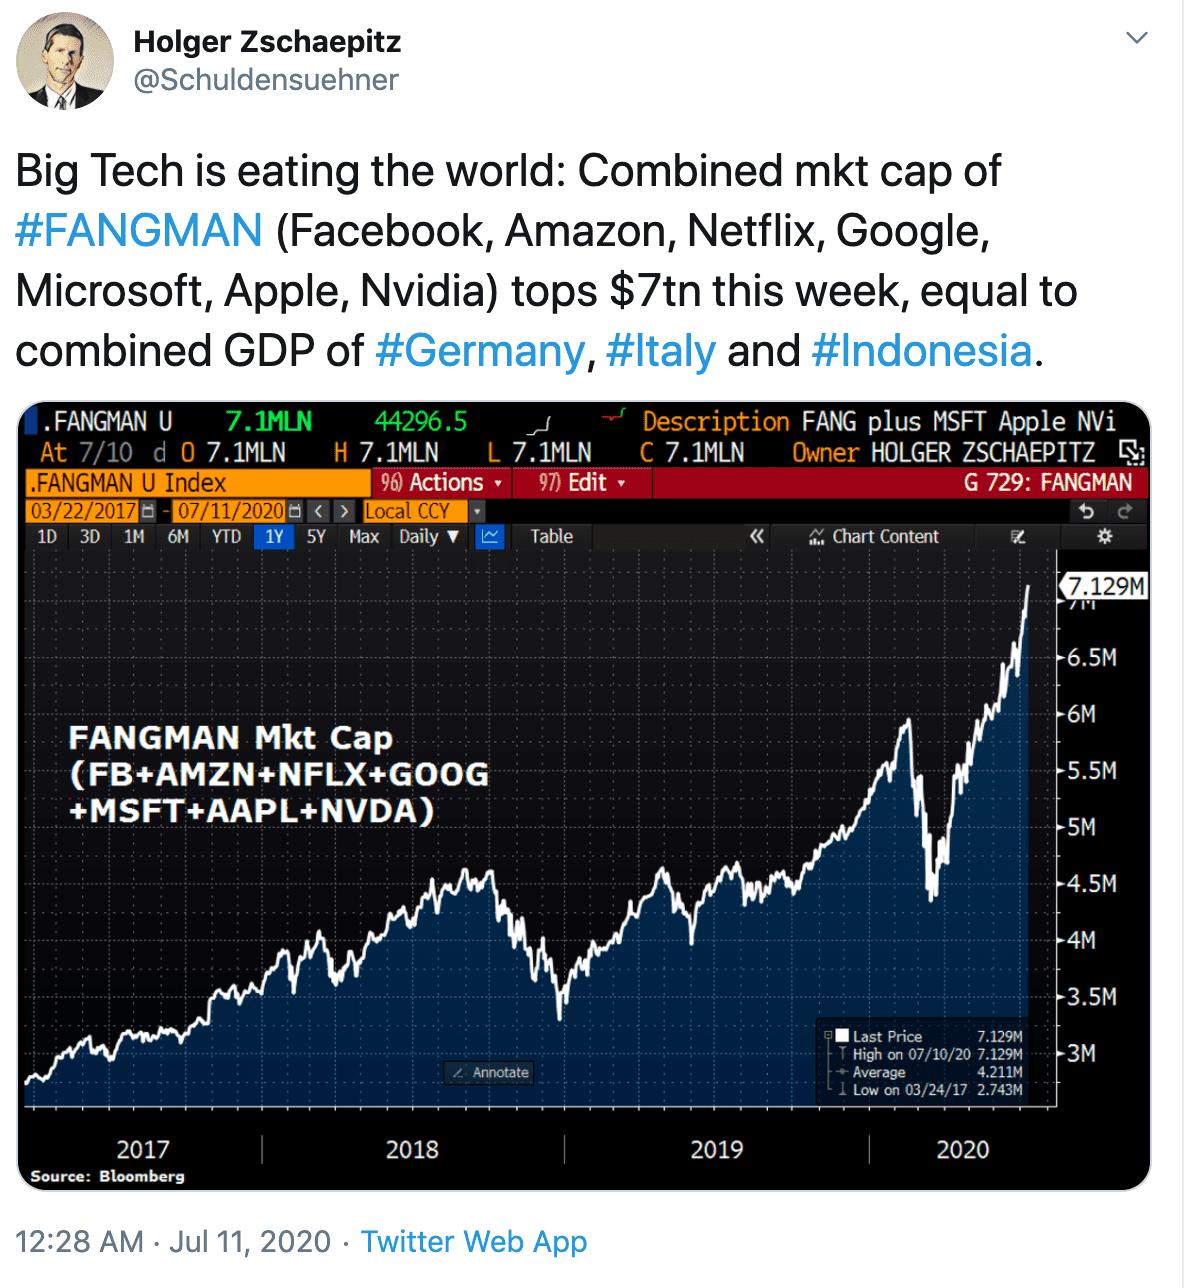 FANGMAN stocks chart